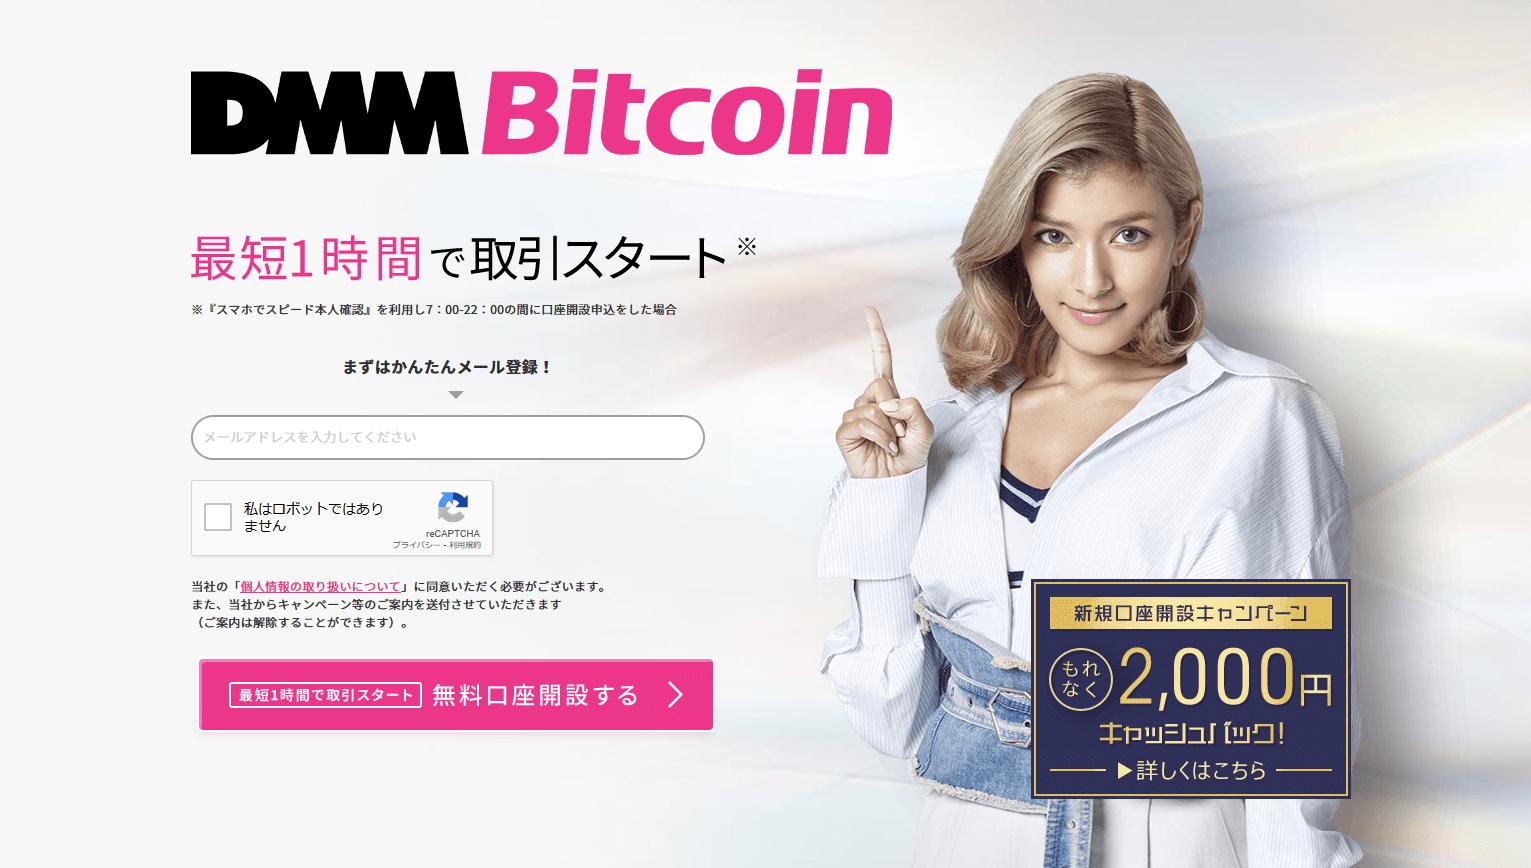 【口座開設】DMM Bitcoinの登録方法と手順を画像で分かりやすく説明